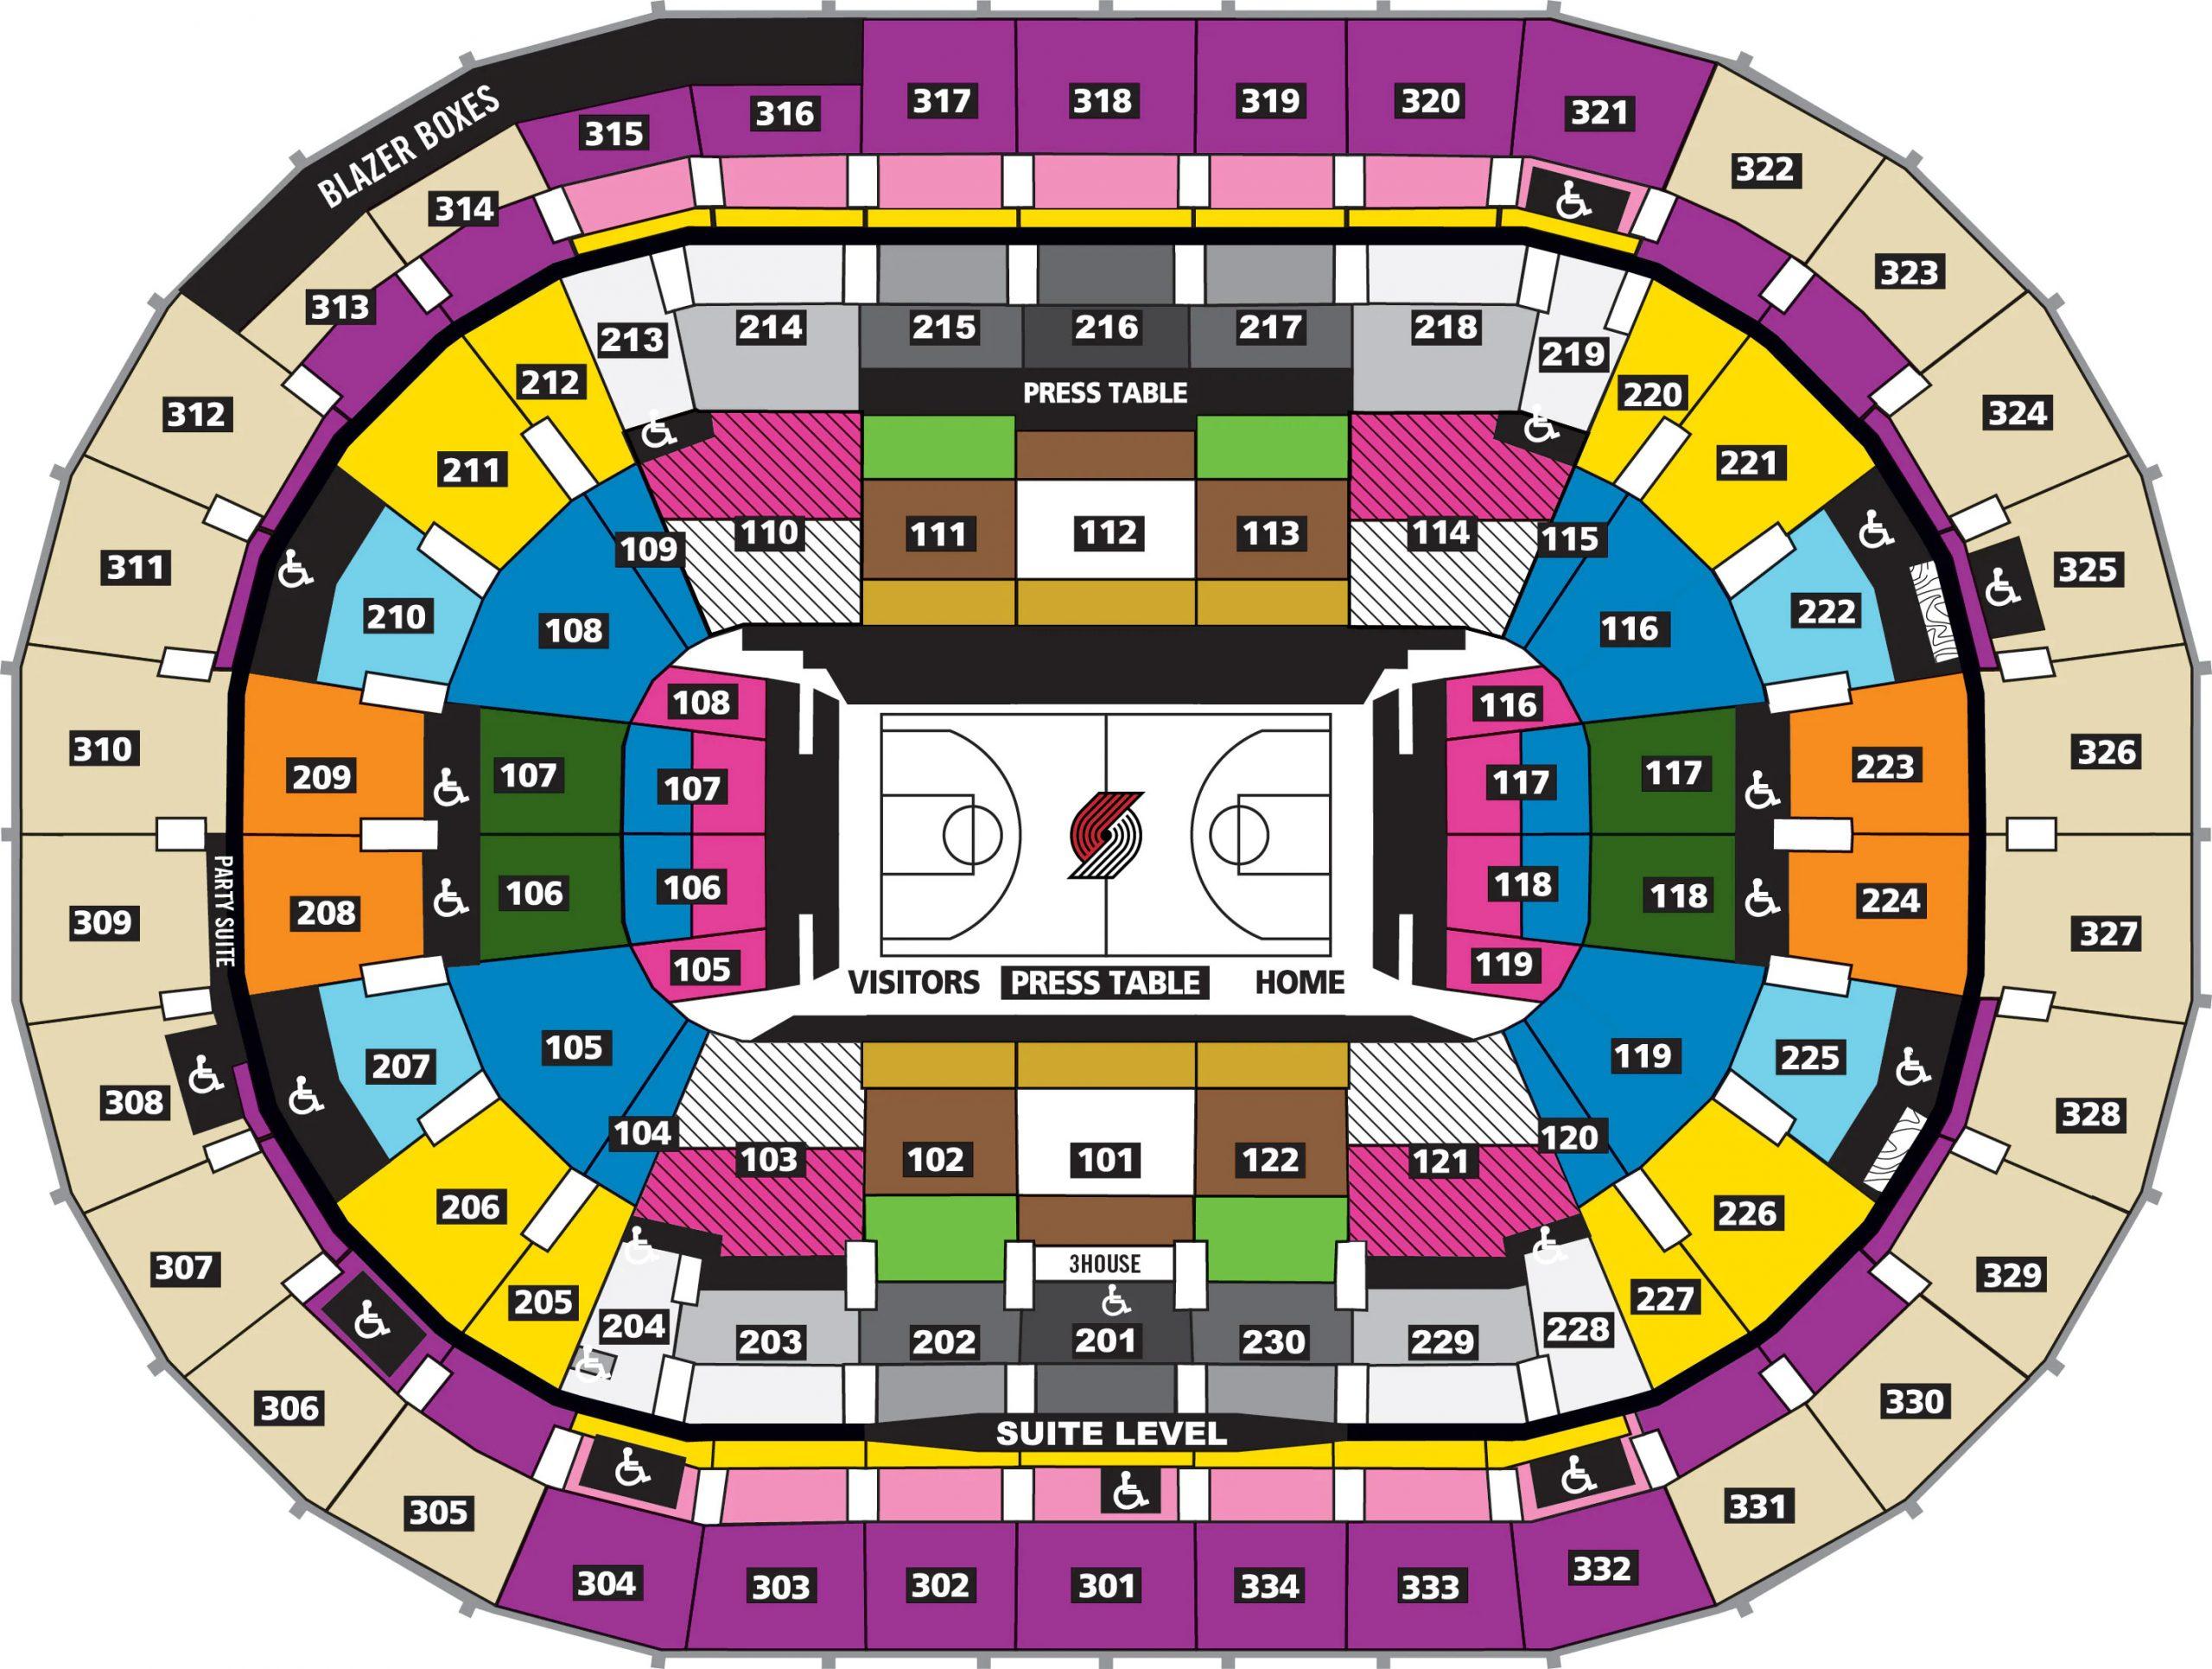 Moda Center Seating Plan